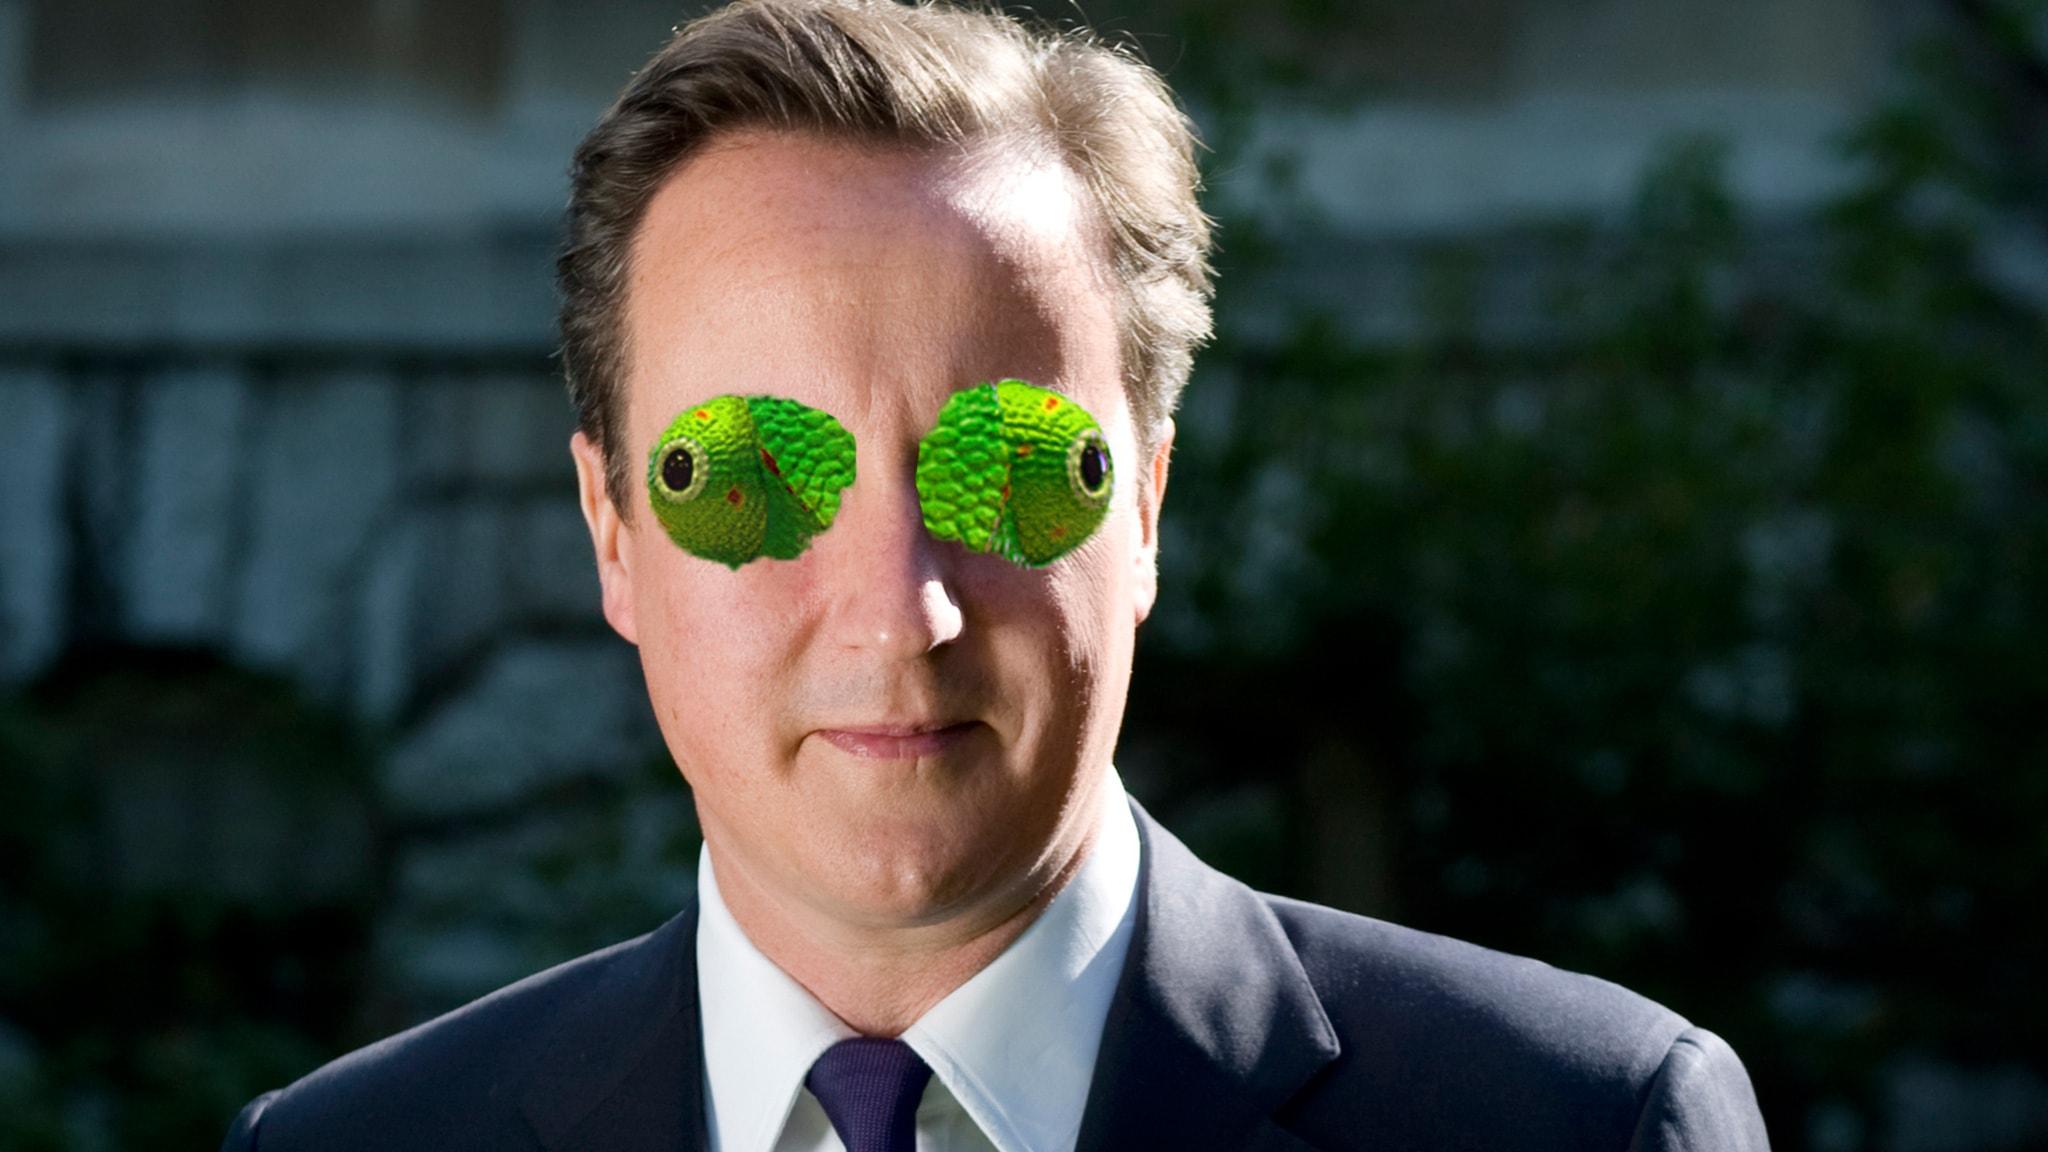 #16. David Cameron - Skattkammarkameleonten som kränkte The Smiths